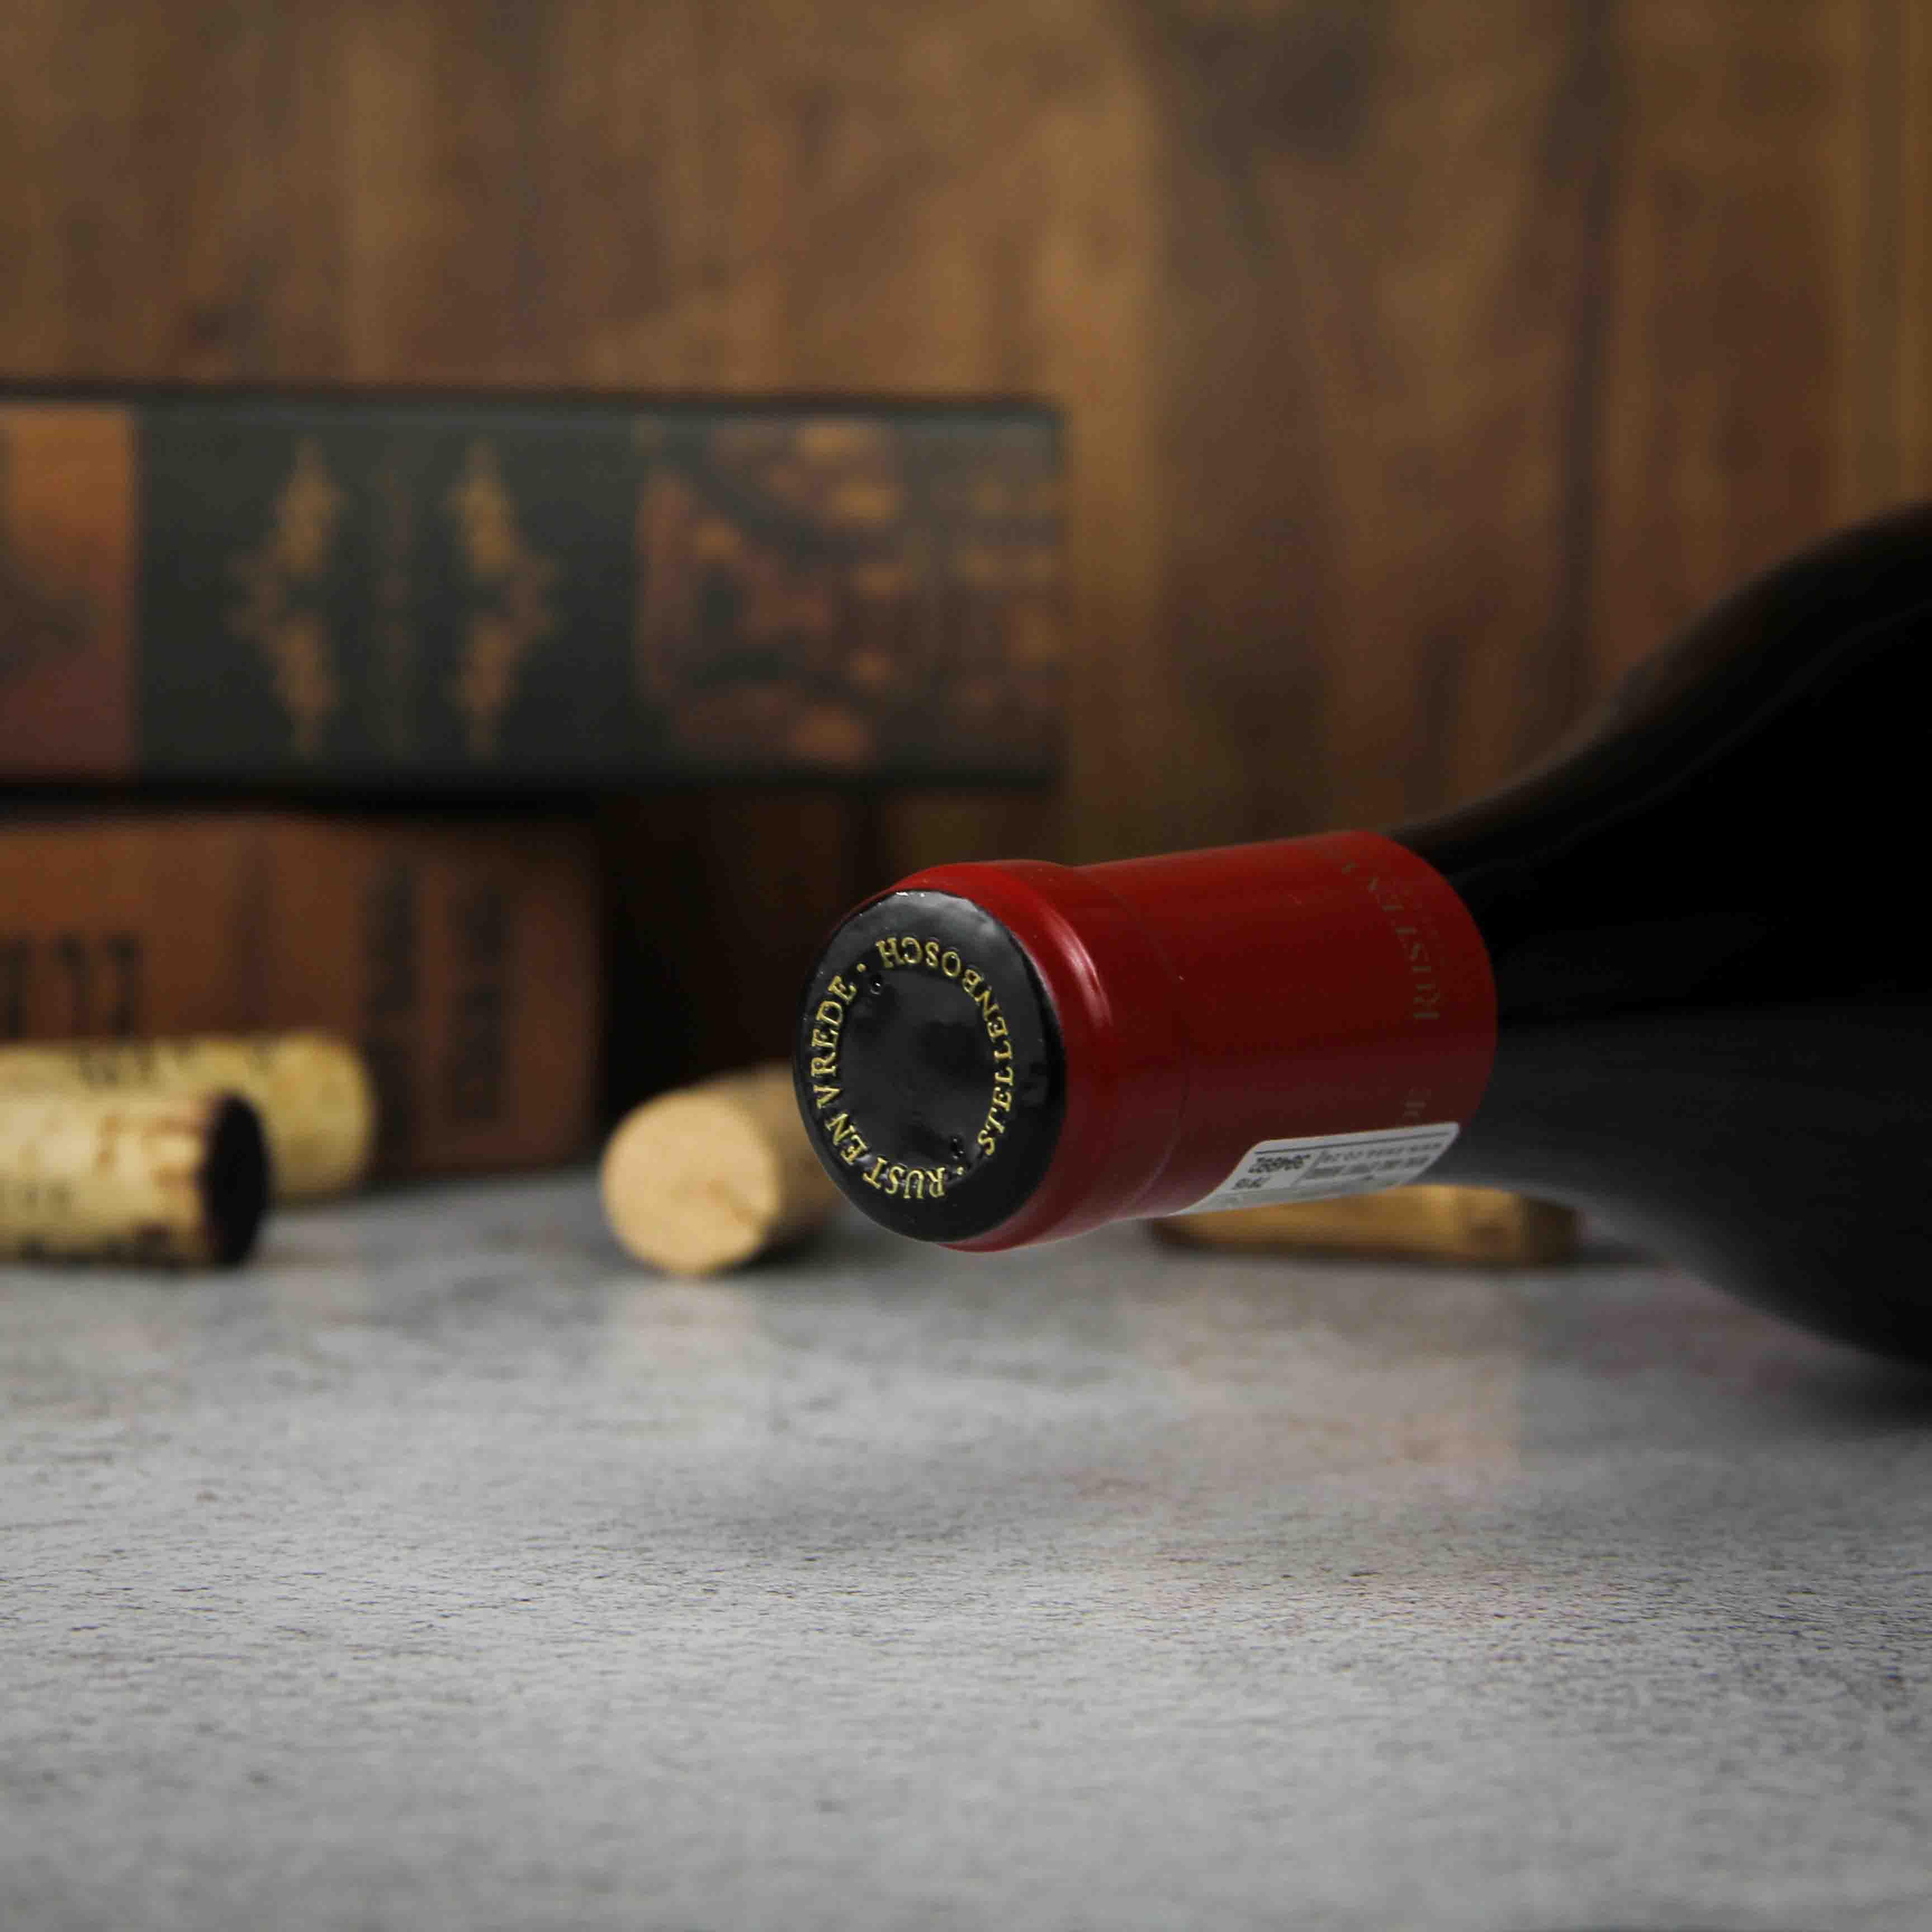 南非斯泰伦博斯福瑞德酒庄单一葡园西拉子红葡萄酒红酒